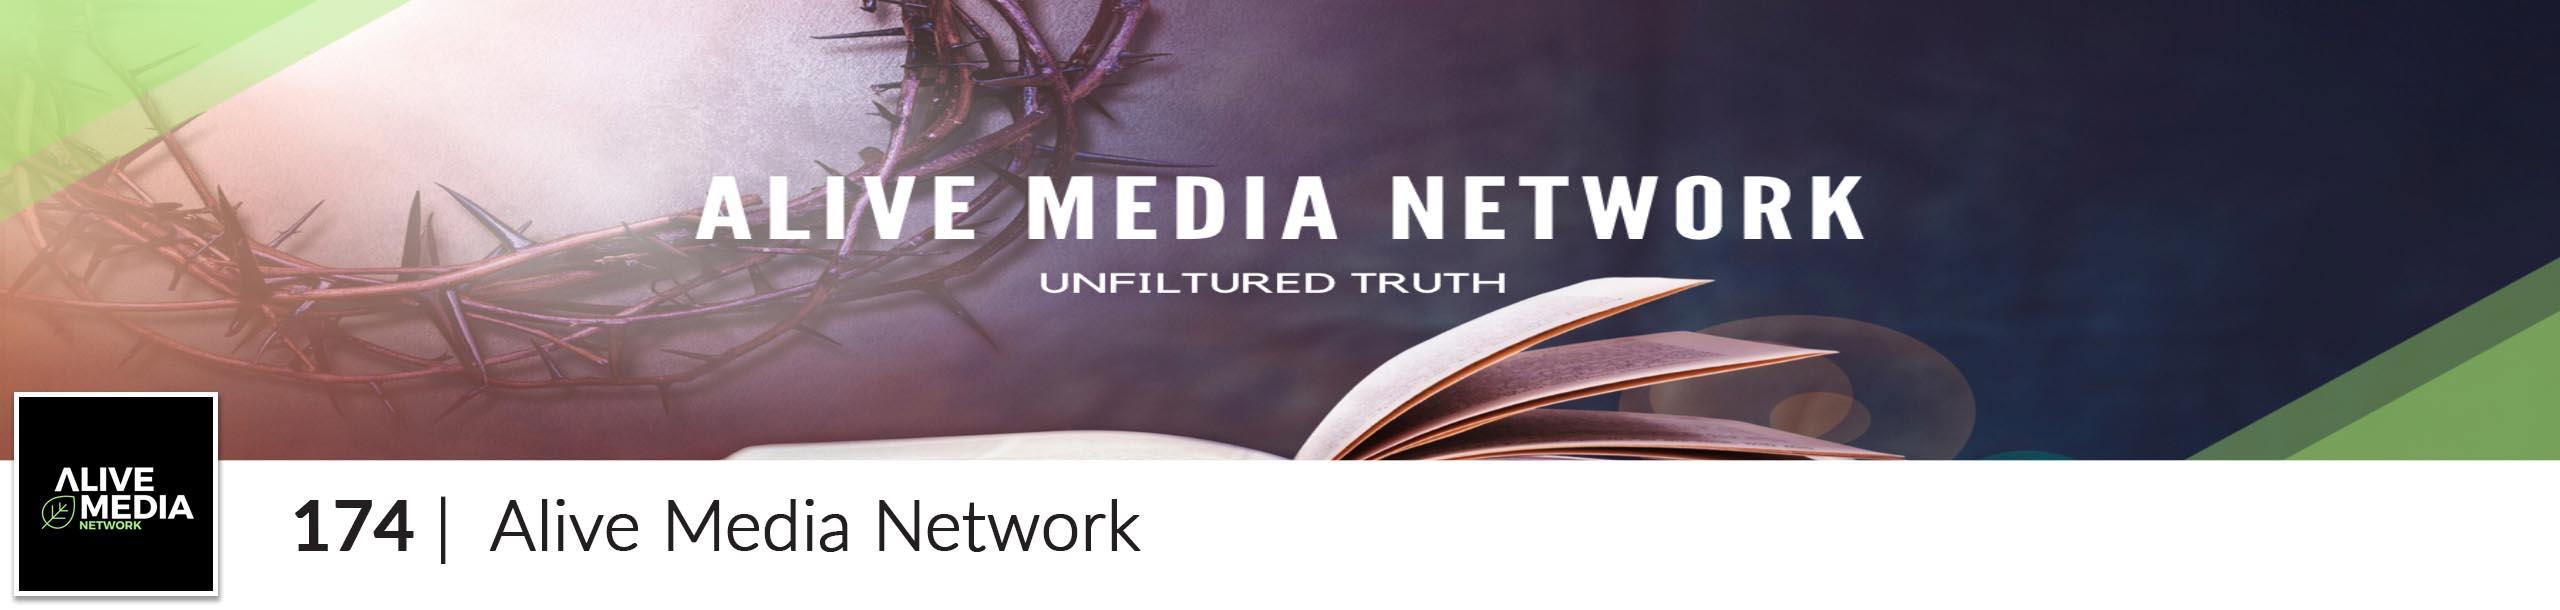 alive_media_network-header01